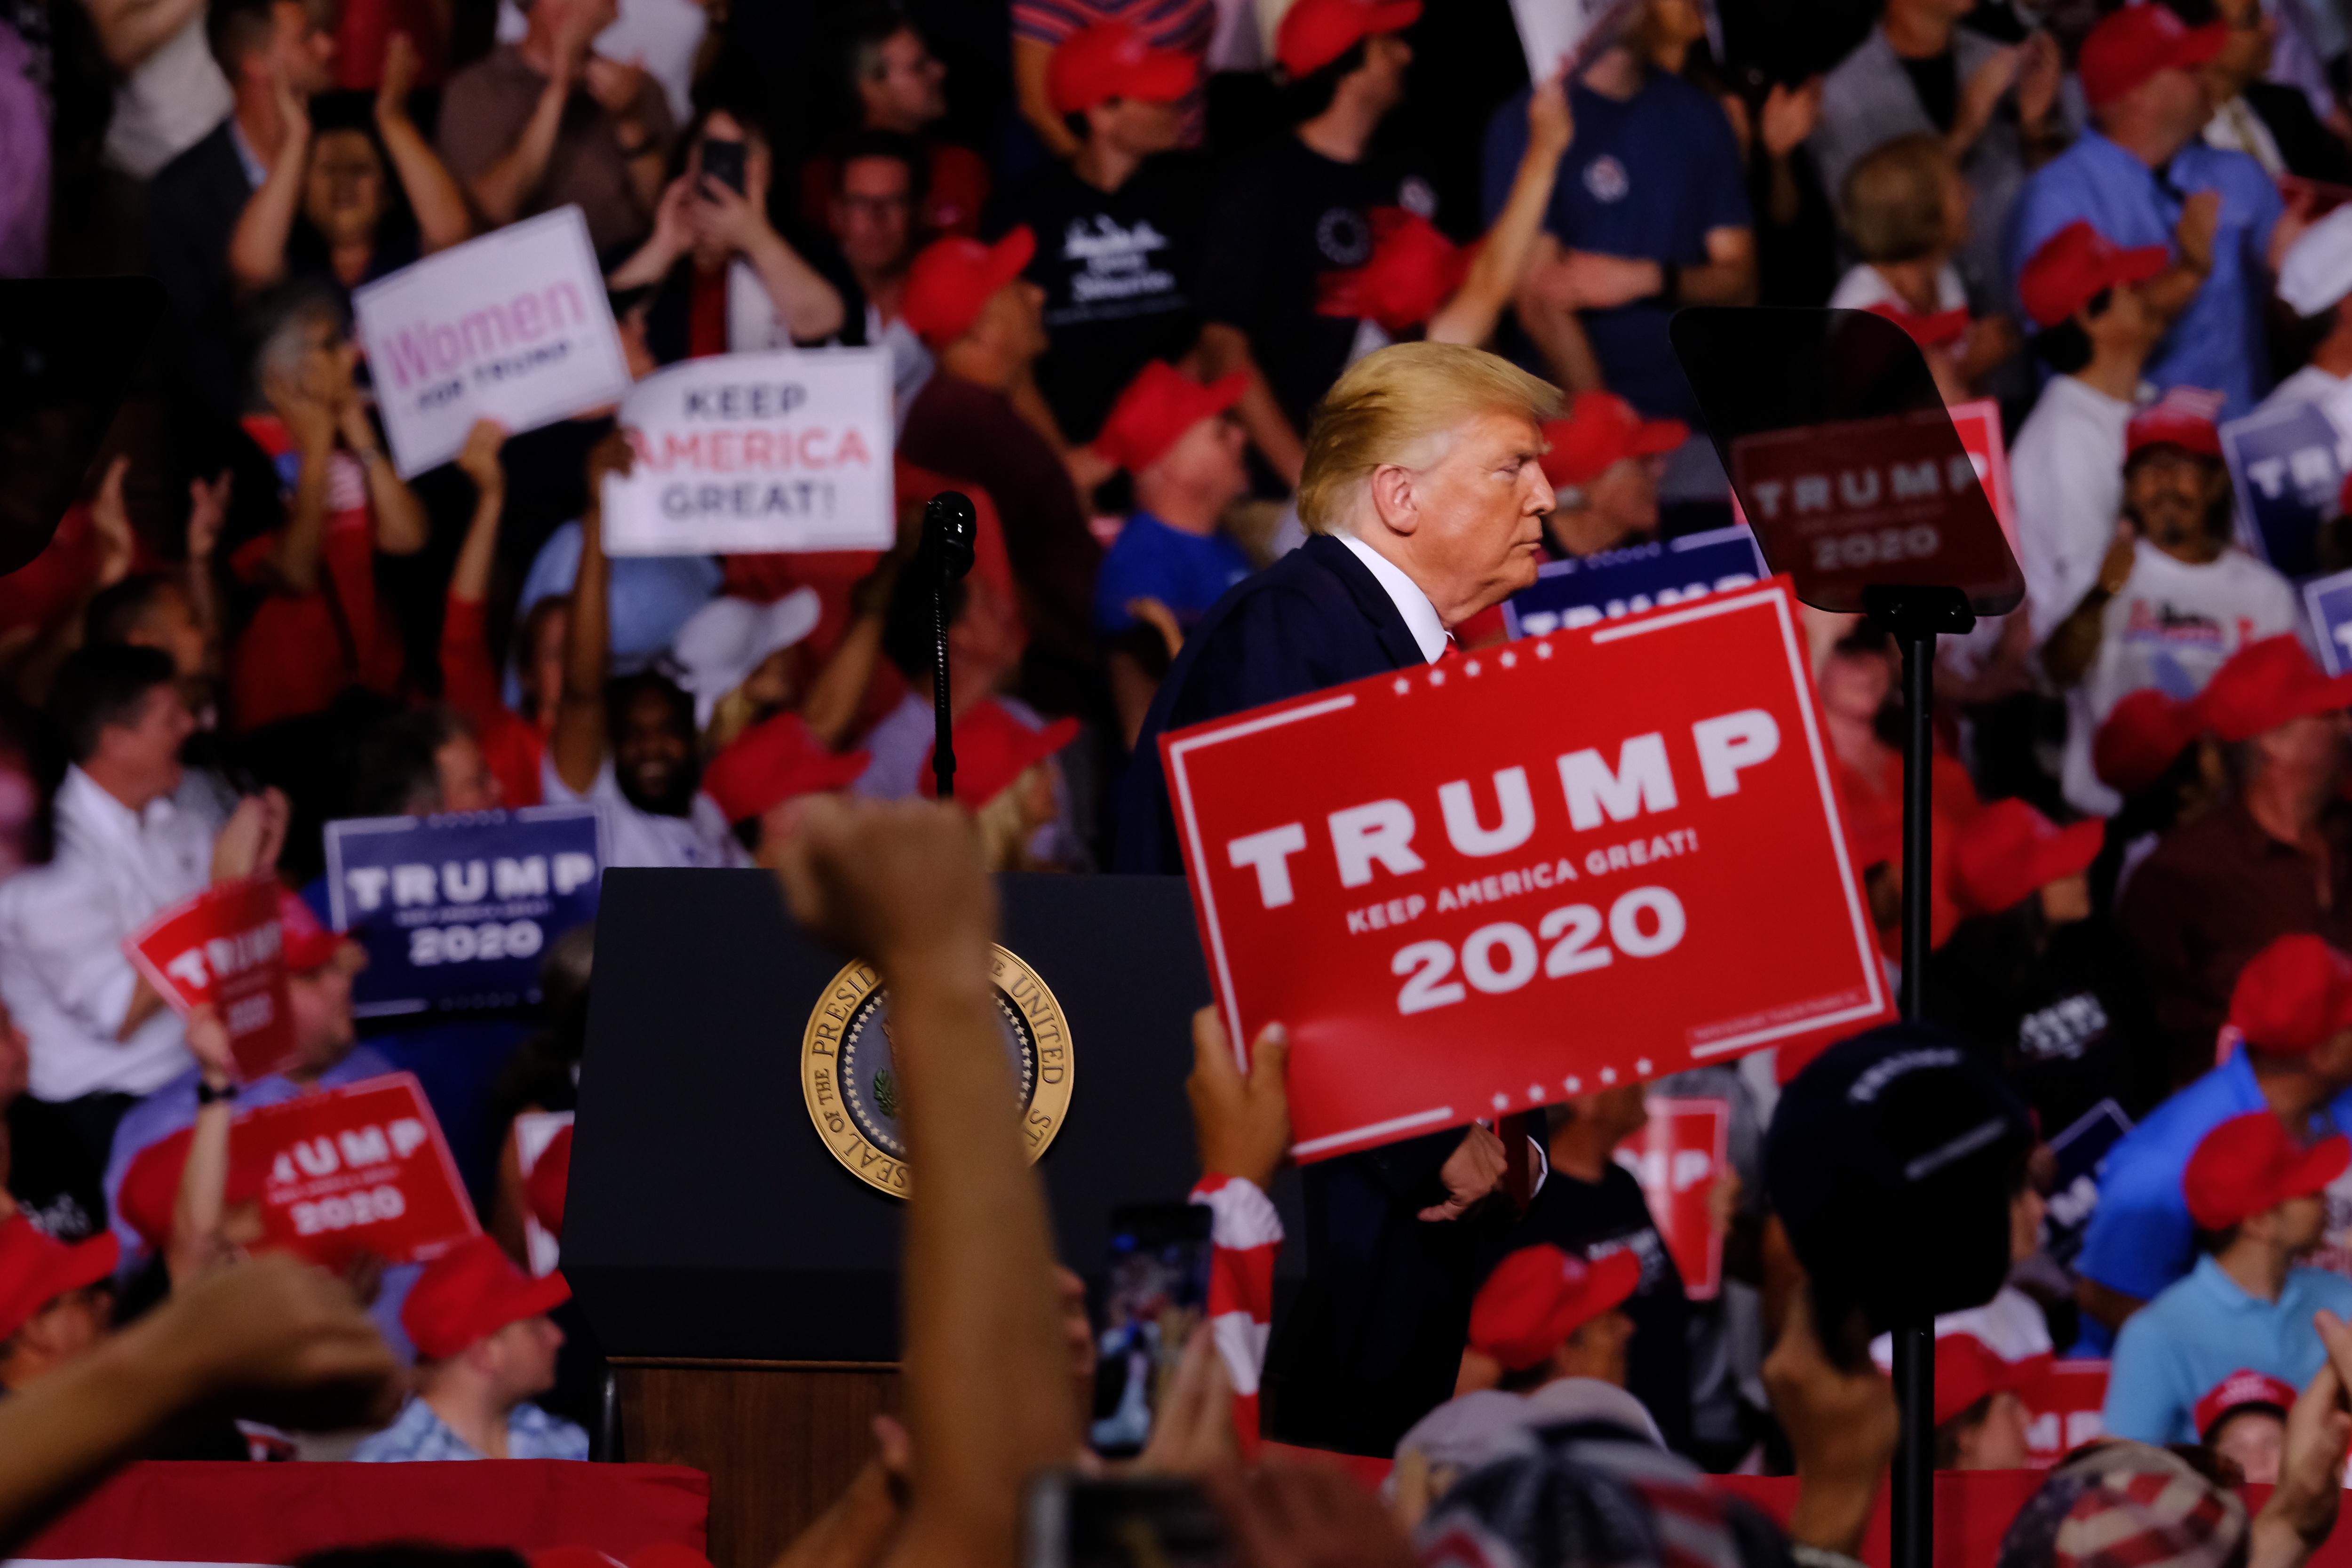 إحدى جولات ترامب في حملة الانتخابات الأمريكية 2020